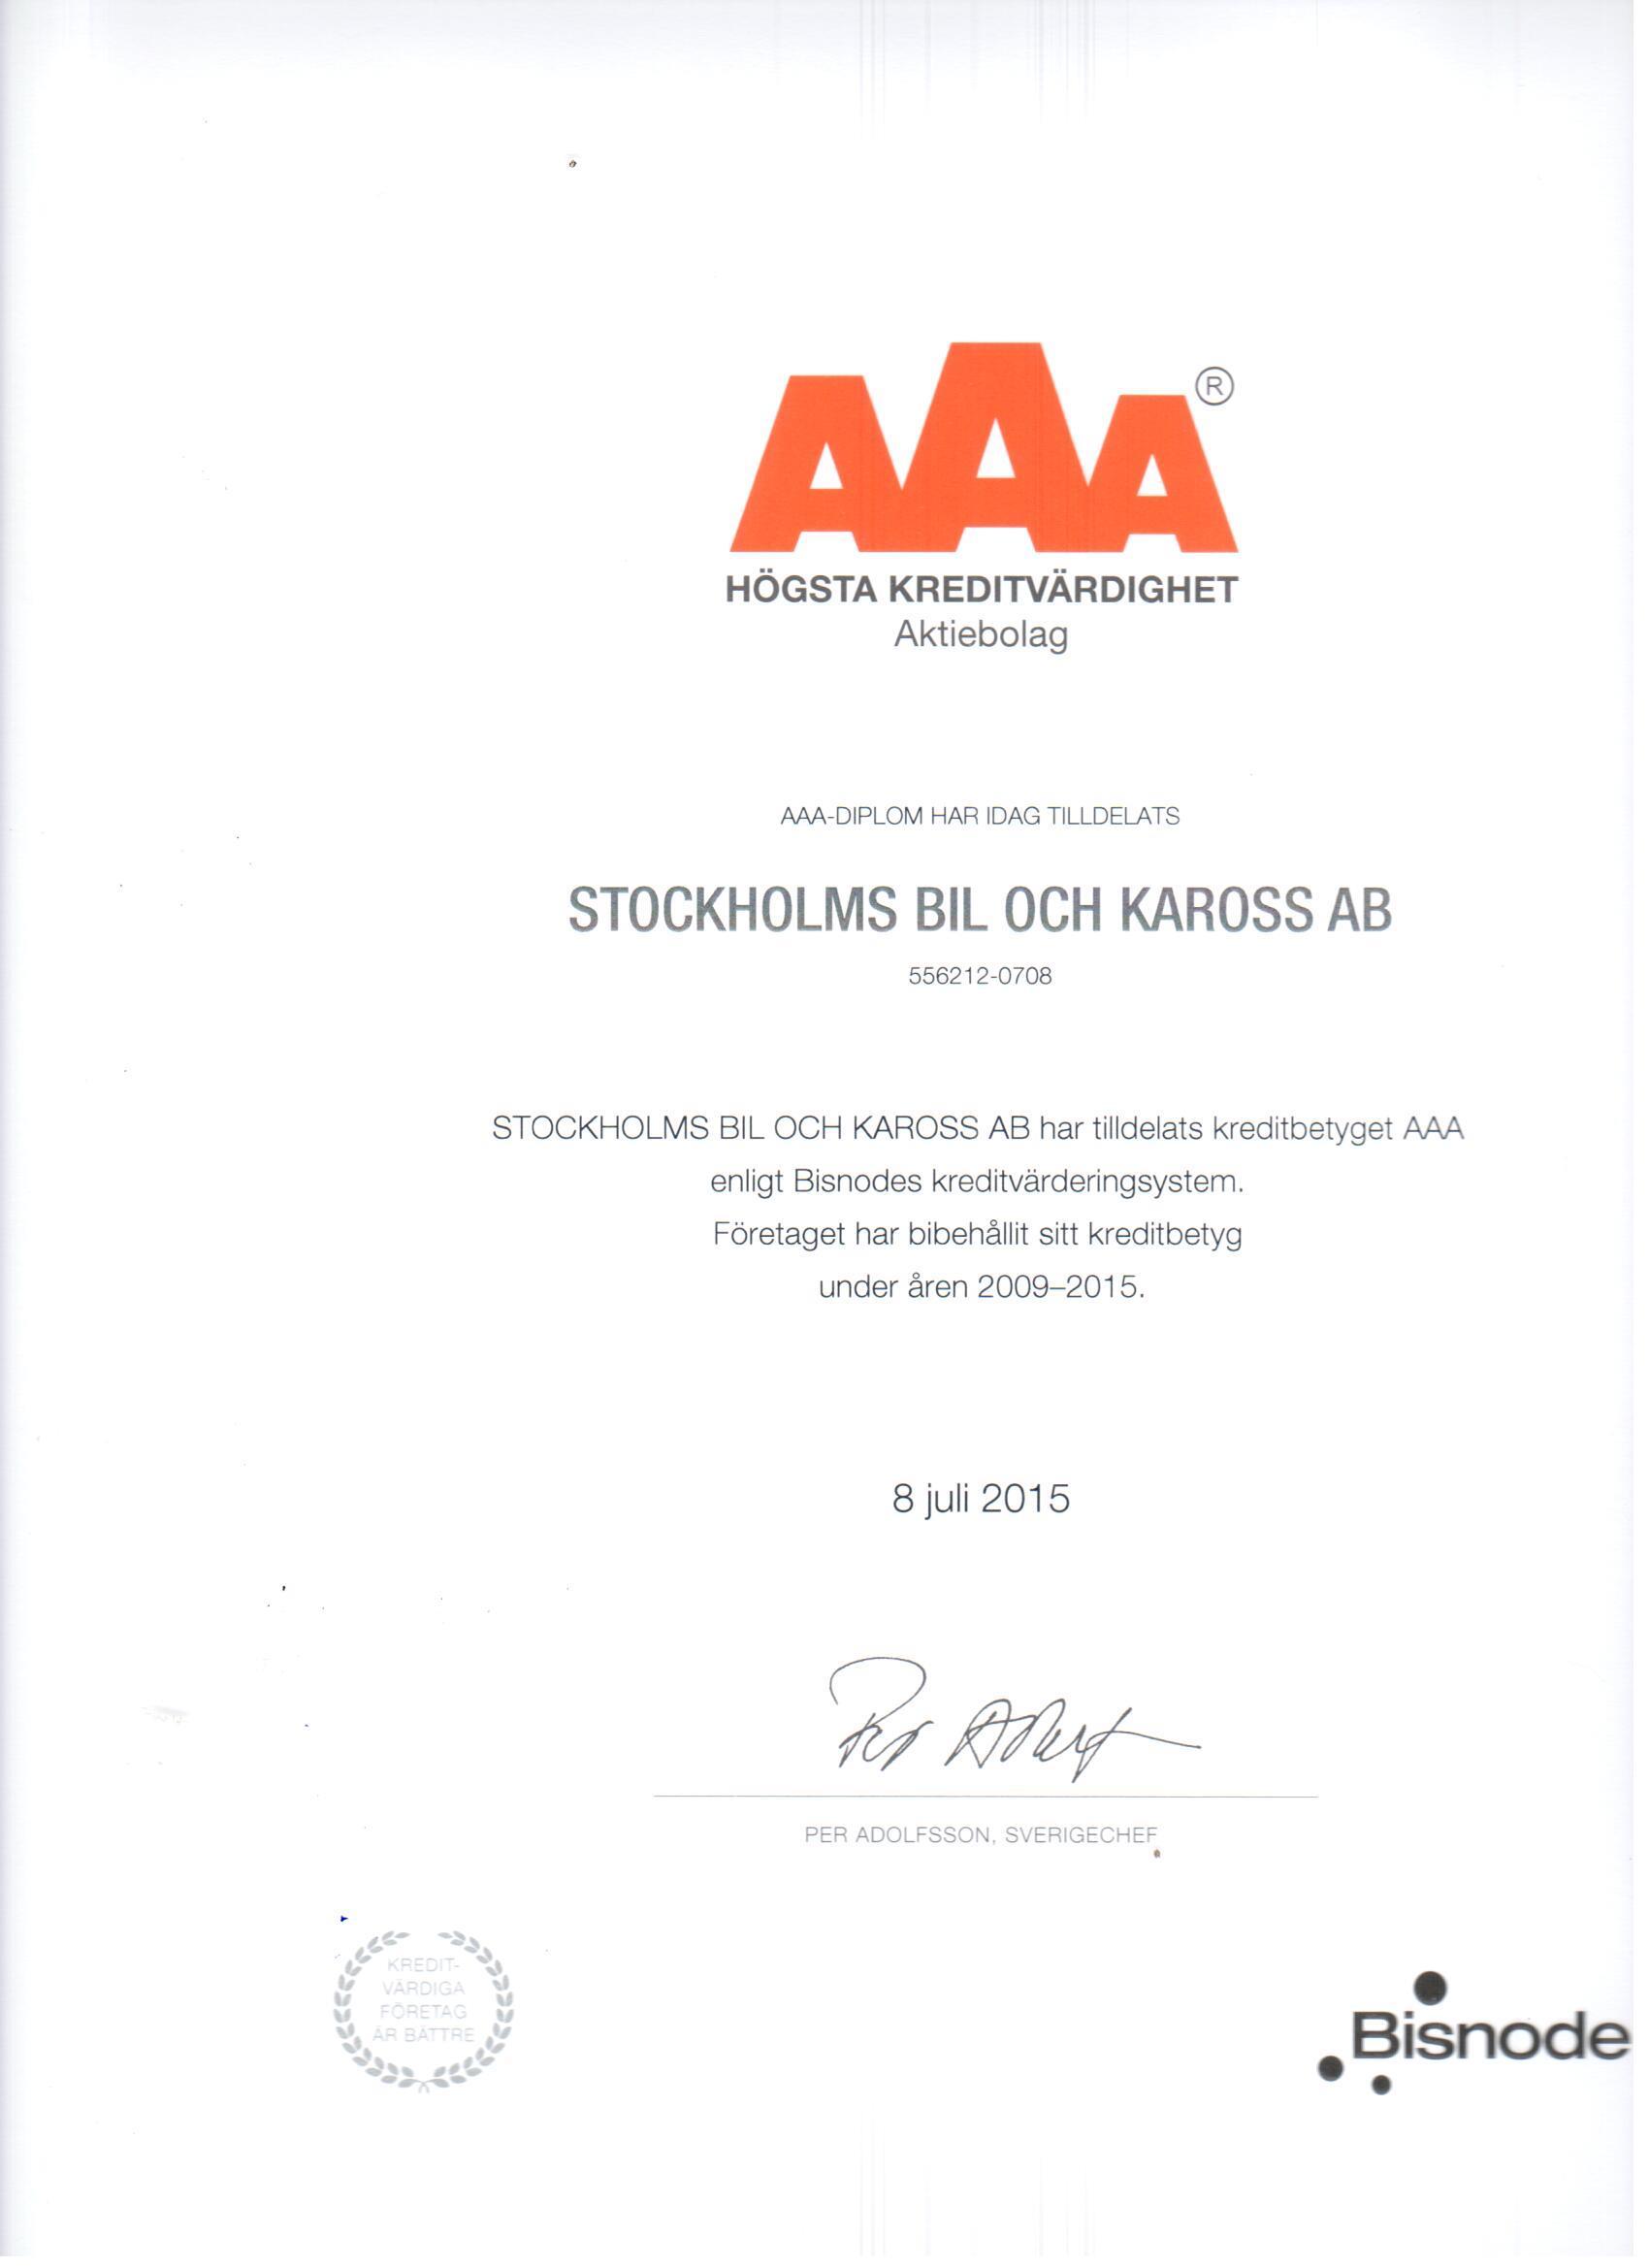 AAA rating Stockholms Bil och Kaross